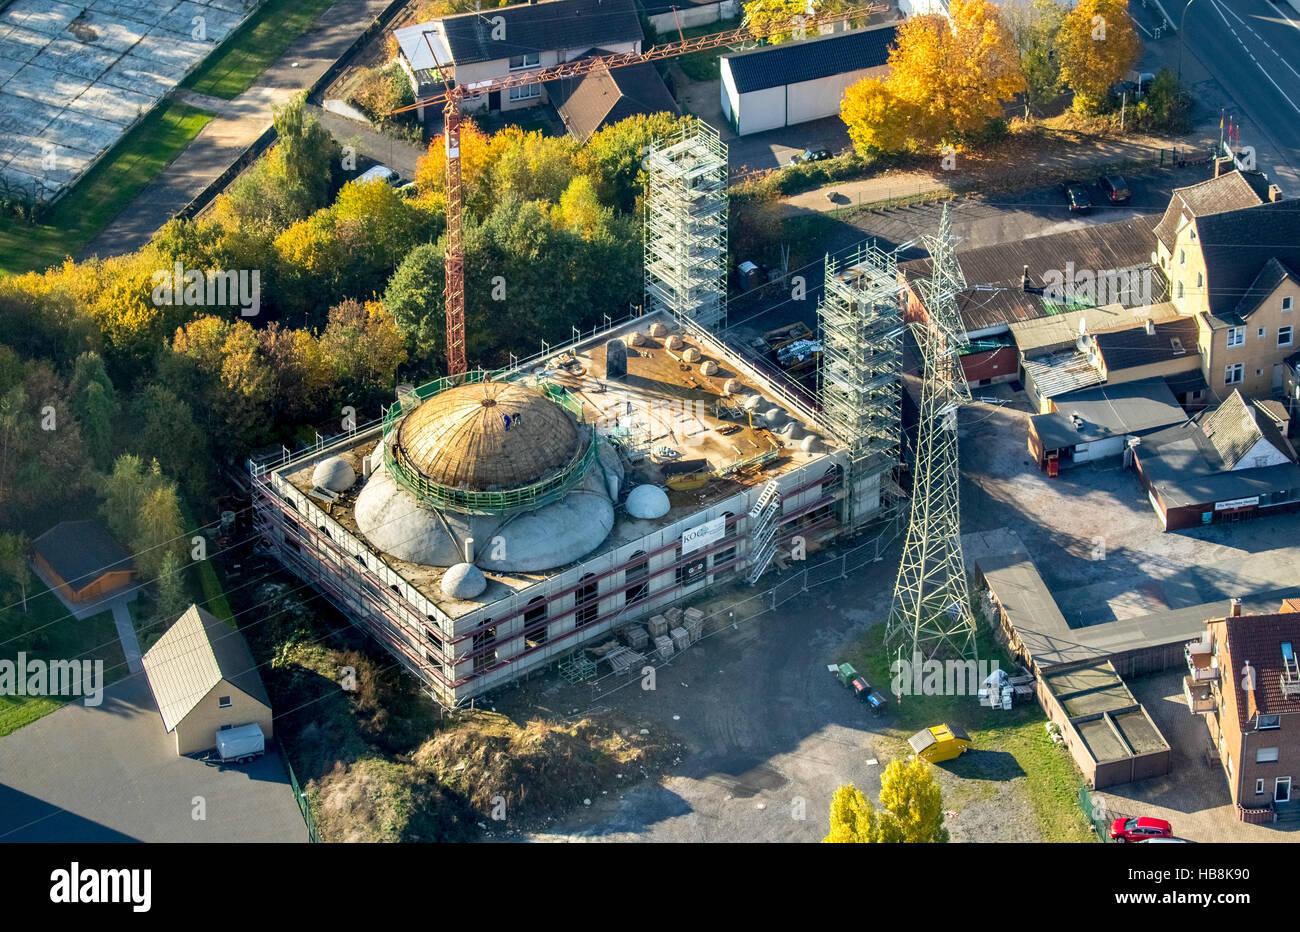 Aerial view, Ulu Mosque Zechenstraße Herringen, Kamen Street, Mosque properties, Hamm, Ruhr, Nordrhein-Westfalen, Stock Photo